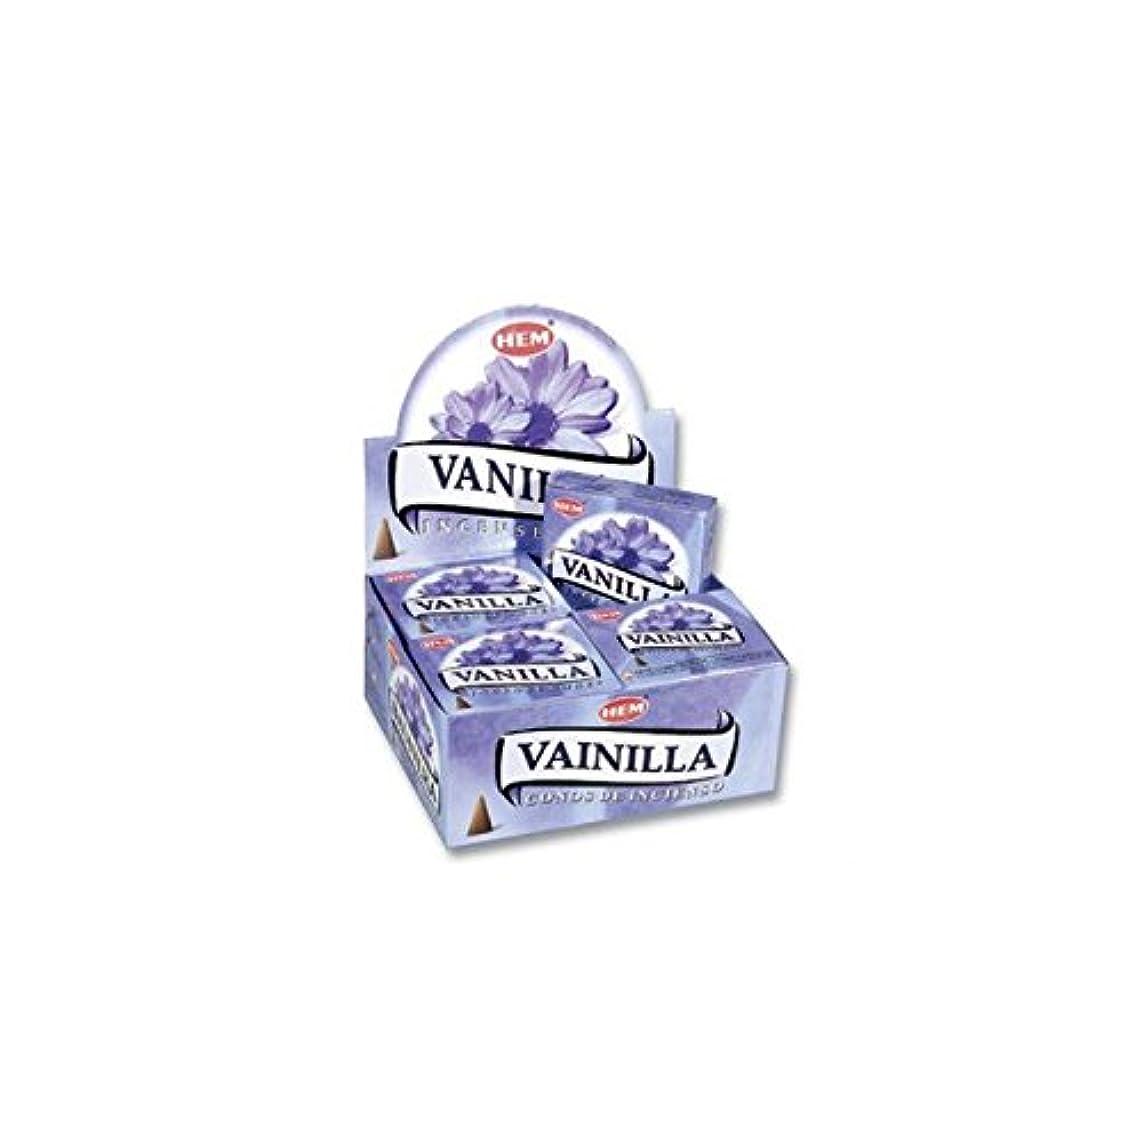 ベーカリー羽みHEM お香 バニラ(VANILLA) コーンタイプ 1ケース(12箱入り) HEMお香